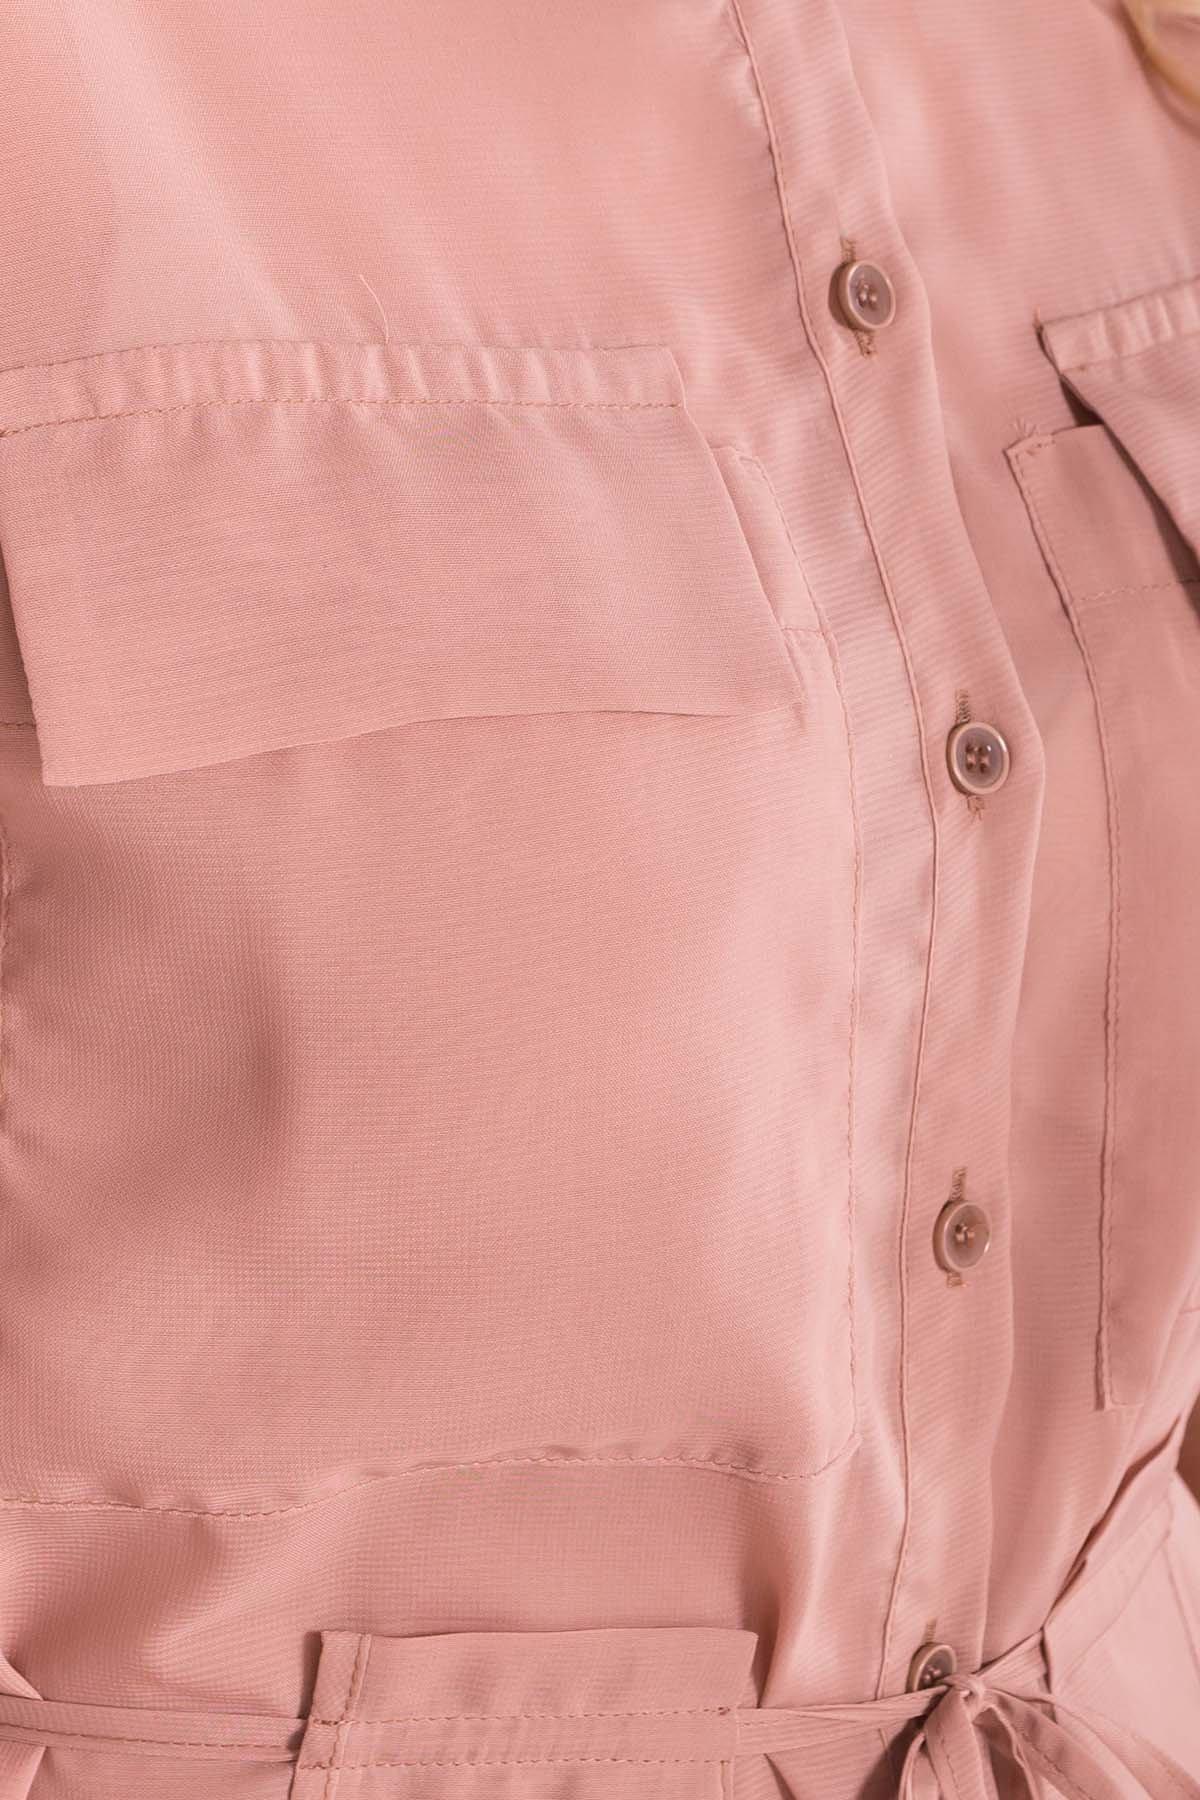 Платье-рубашка Эриал 7544 АРТ. 43467 Цвет: Бежевый - фото 4, интернет магазин tm-modus.ru